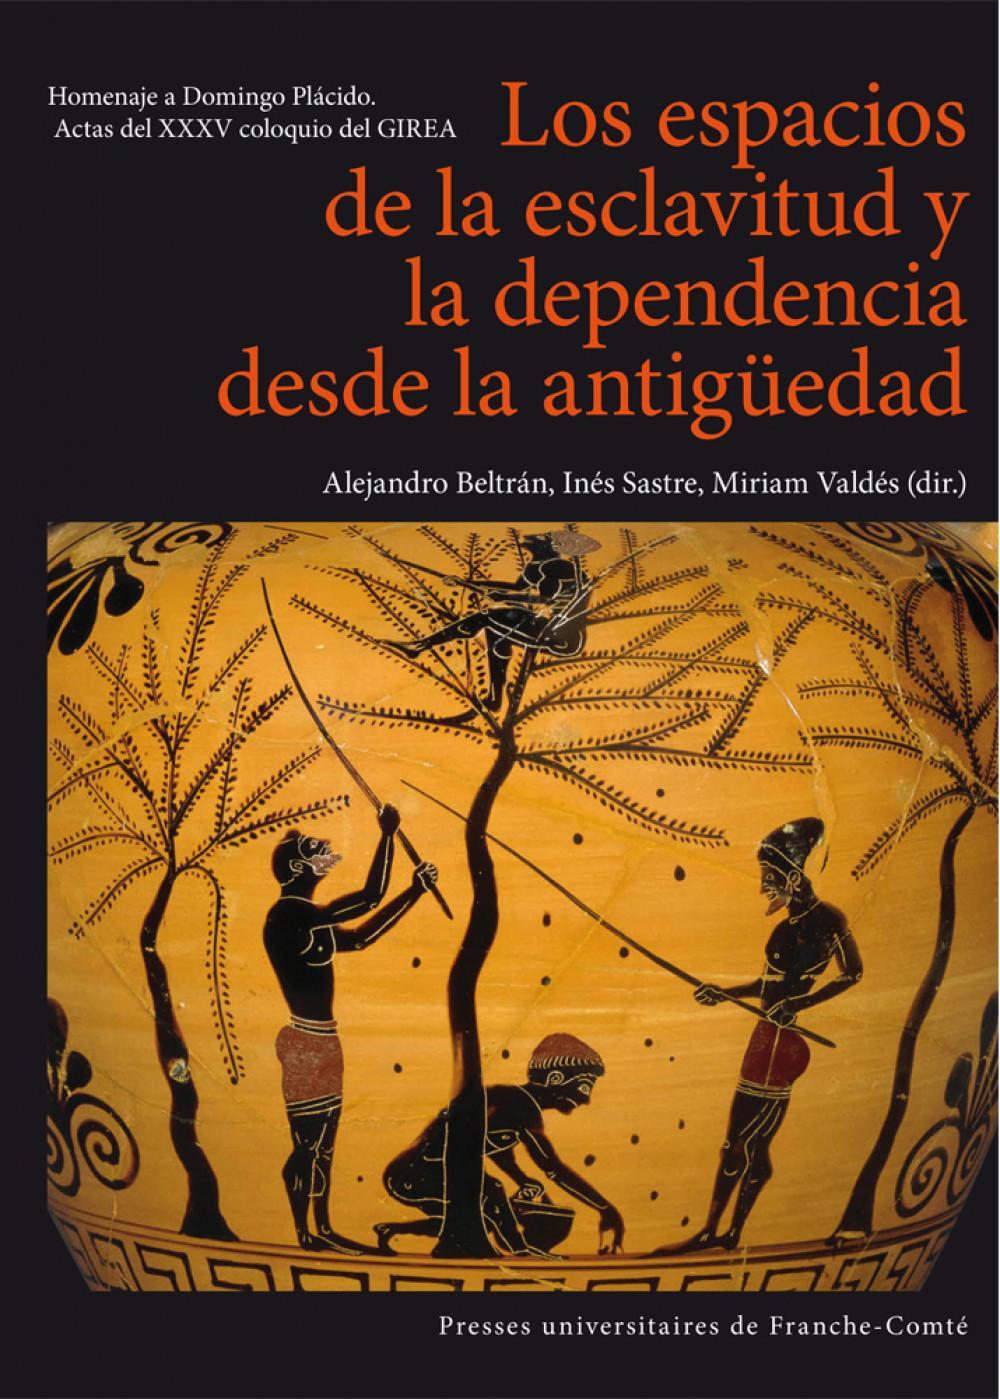 Los espacios de la esclavitud y la dependencia desde la antigüedad